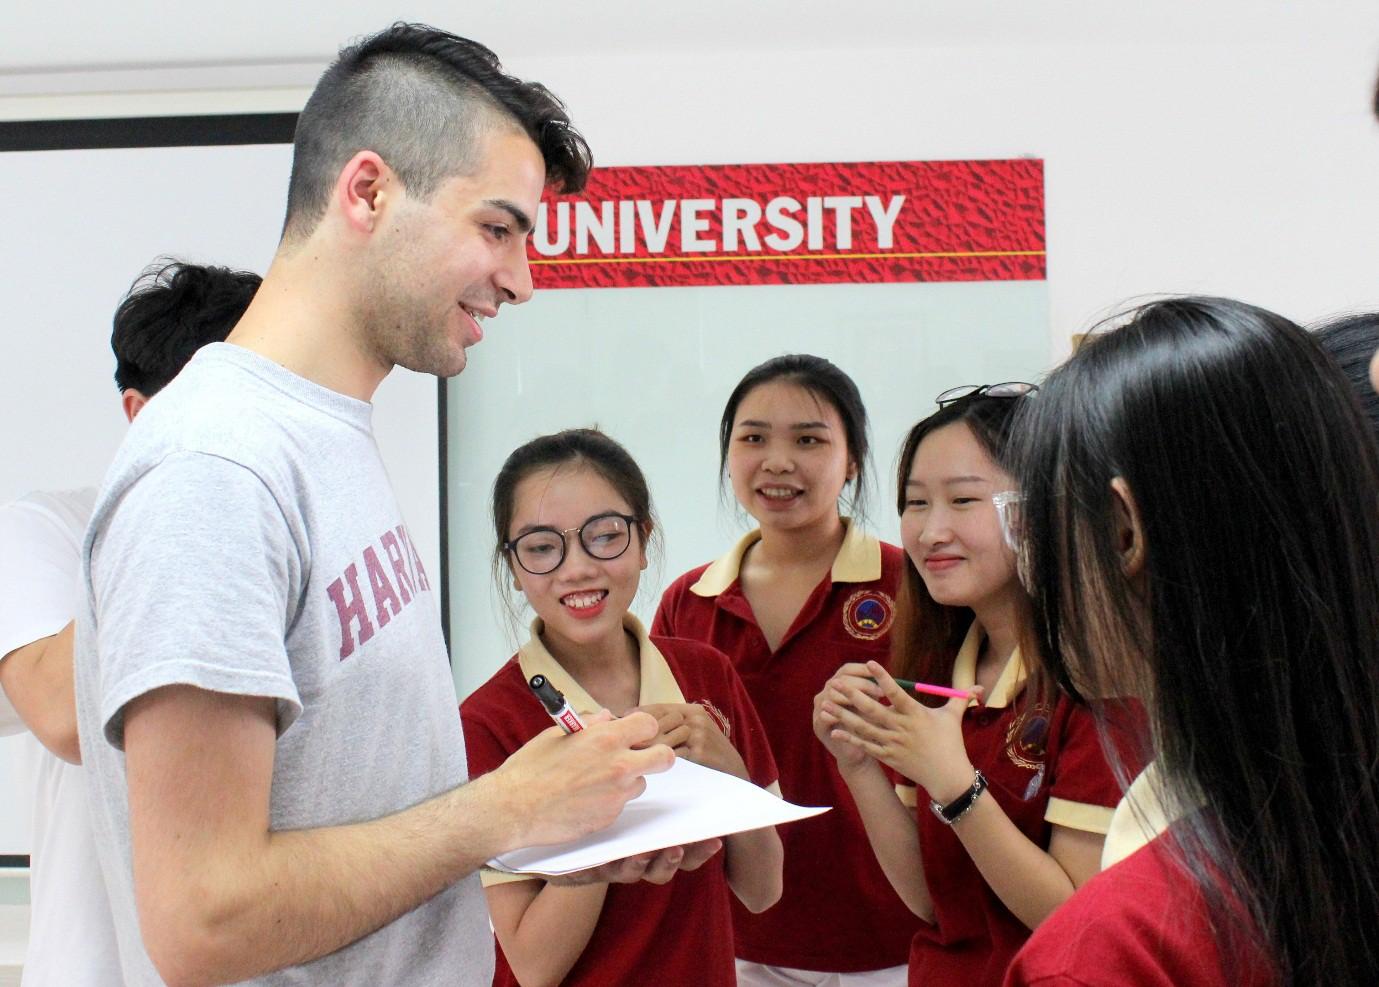 Sinh viên SIU giao lưu cùng sinh viên Đại học Harvard - Ảnh 1.